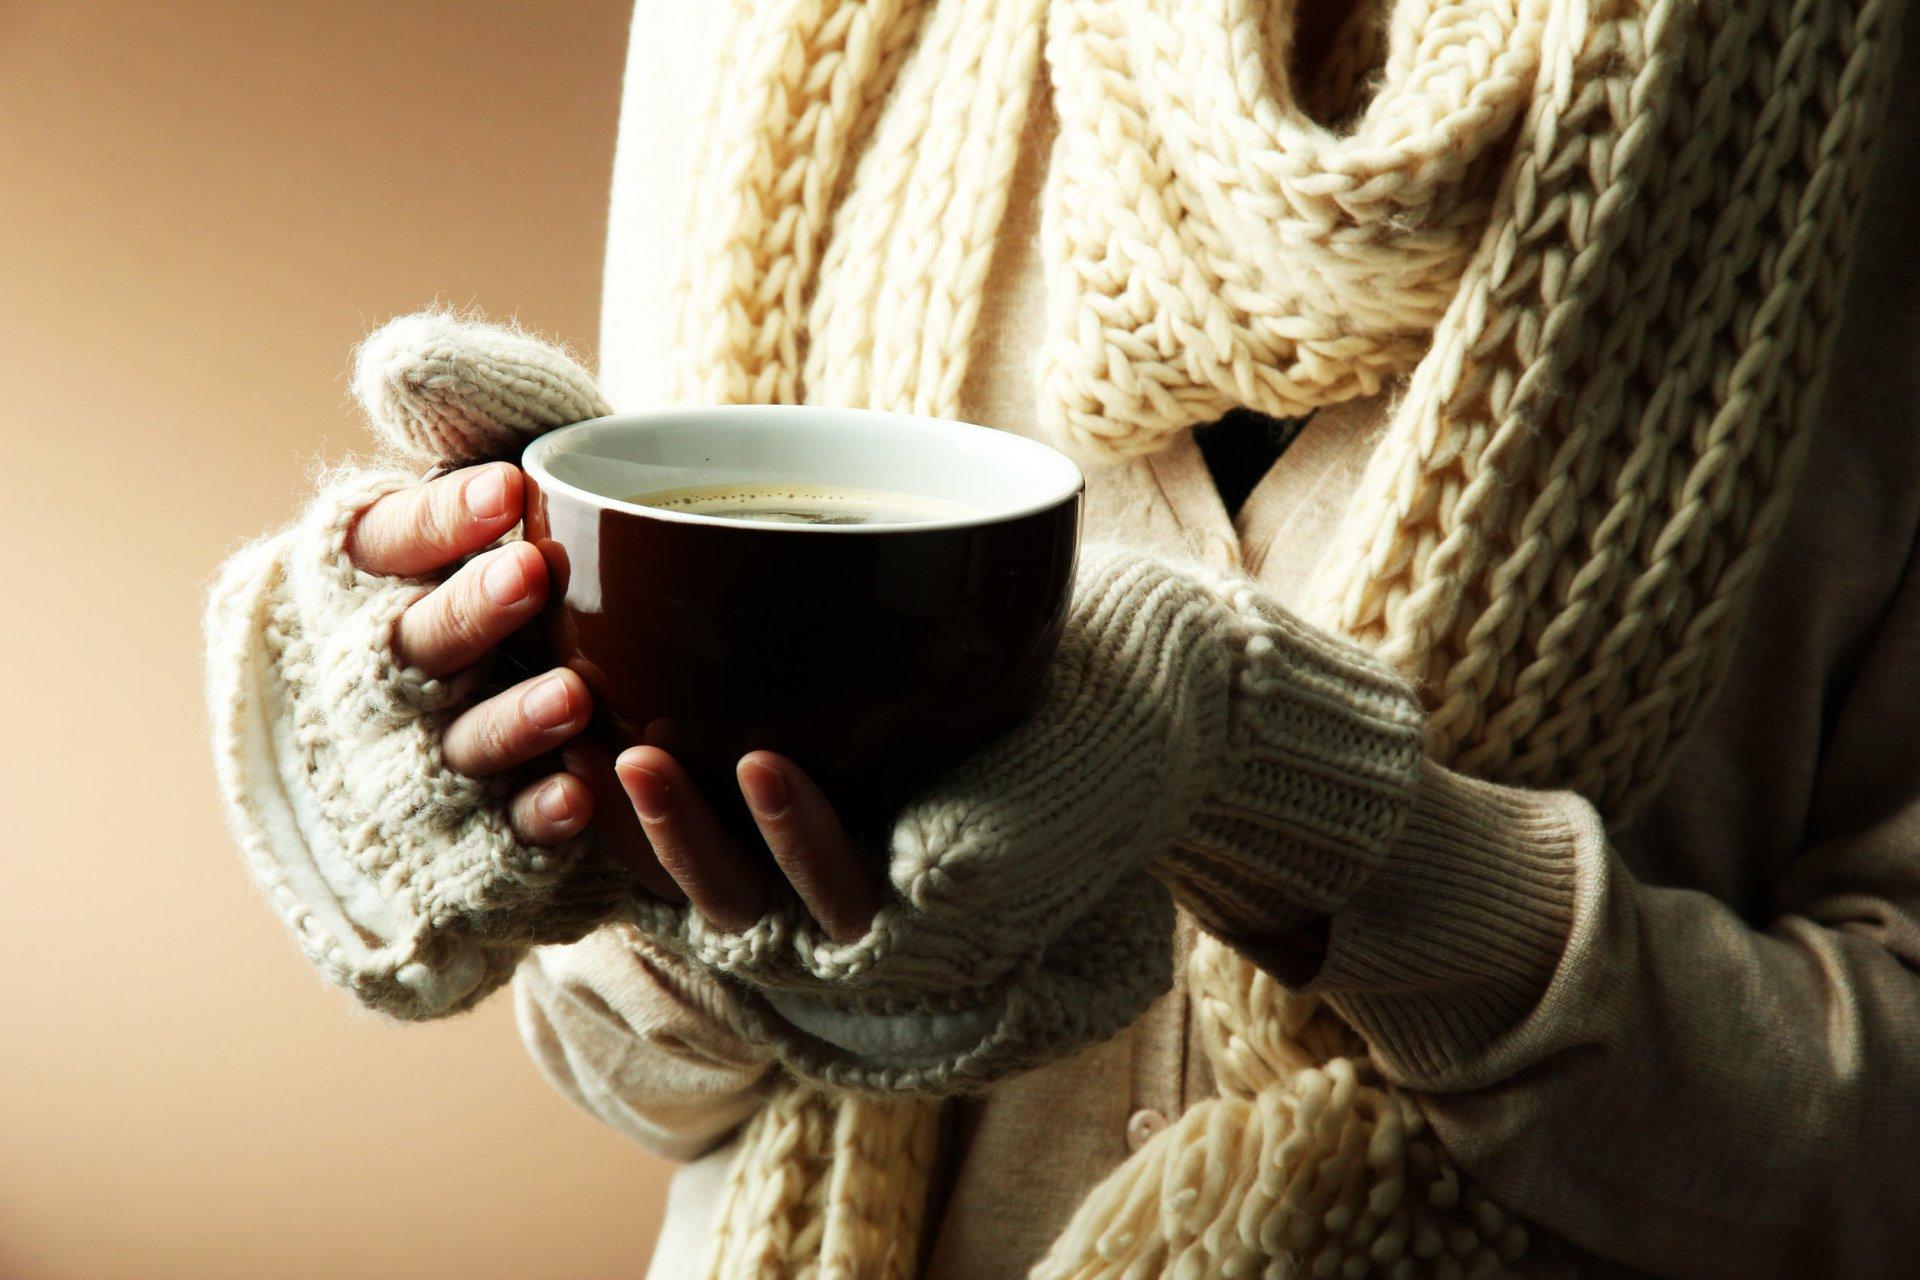 Цена, картинка с чашкой кофе в руках